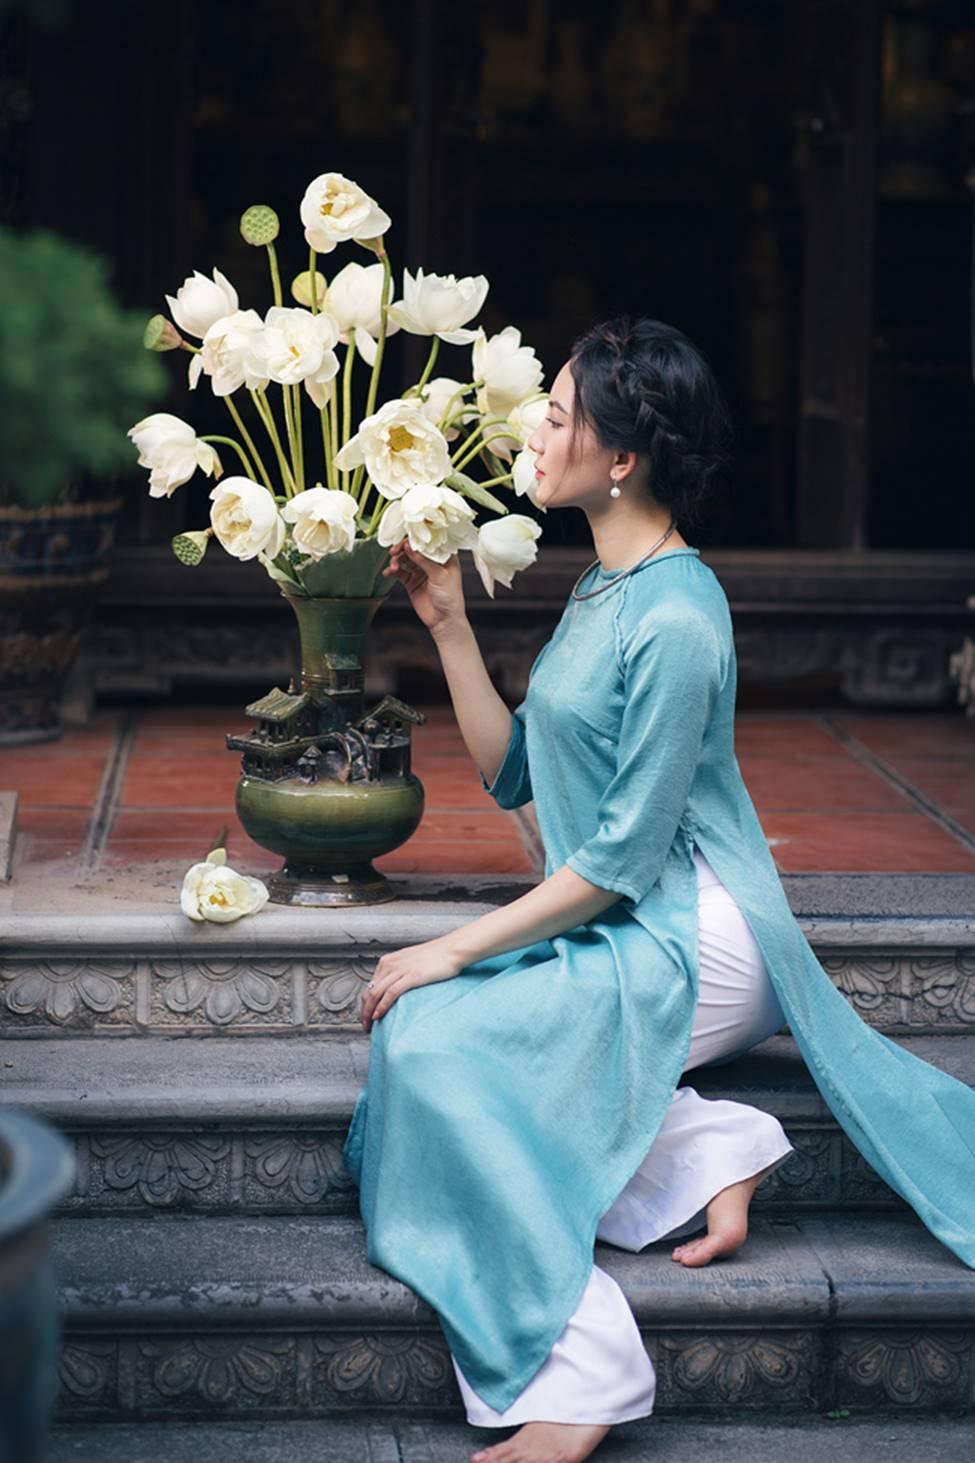 Diện áo dài chụp ảnh cùng sen, thiếu nữ Hà thành đẹp như một bức tranh-6